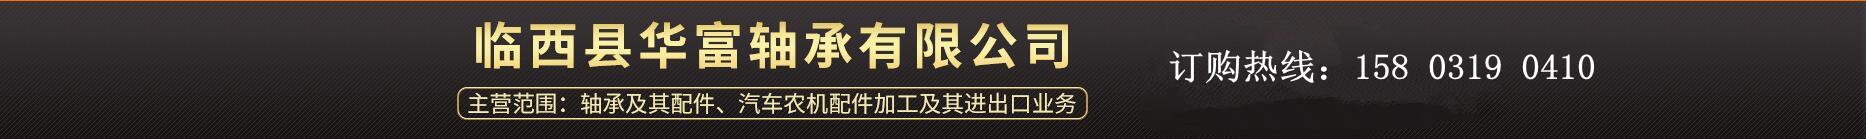 临西县华富轴承有限公司